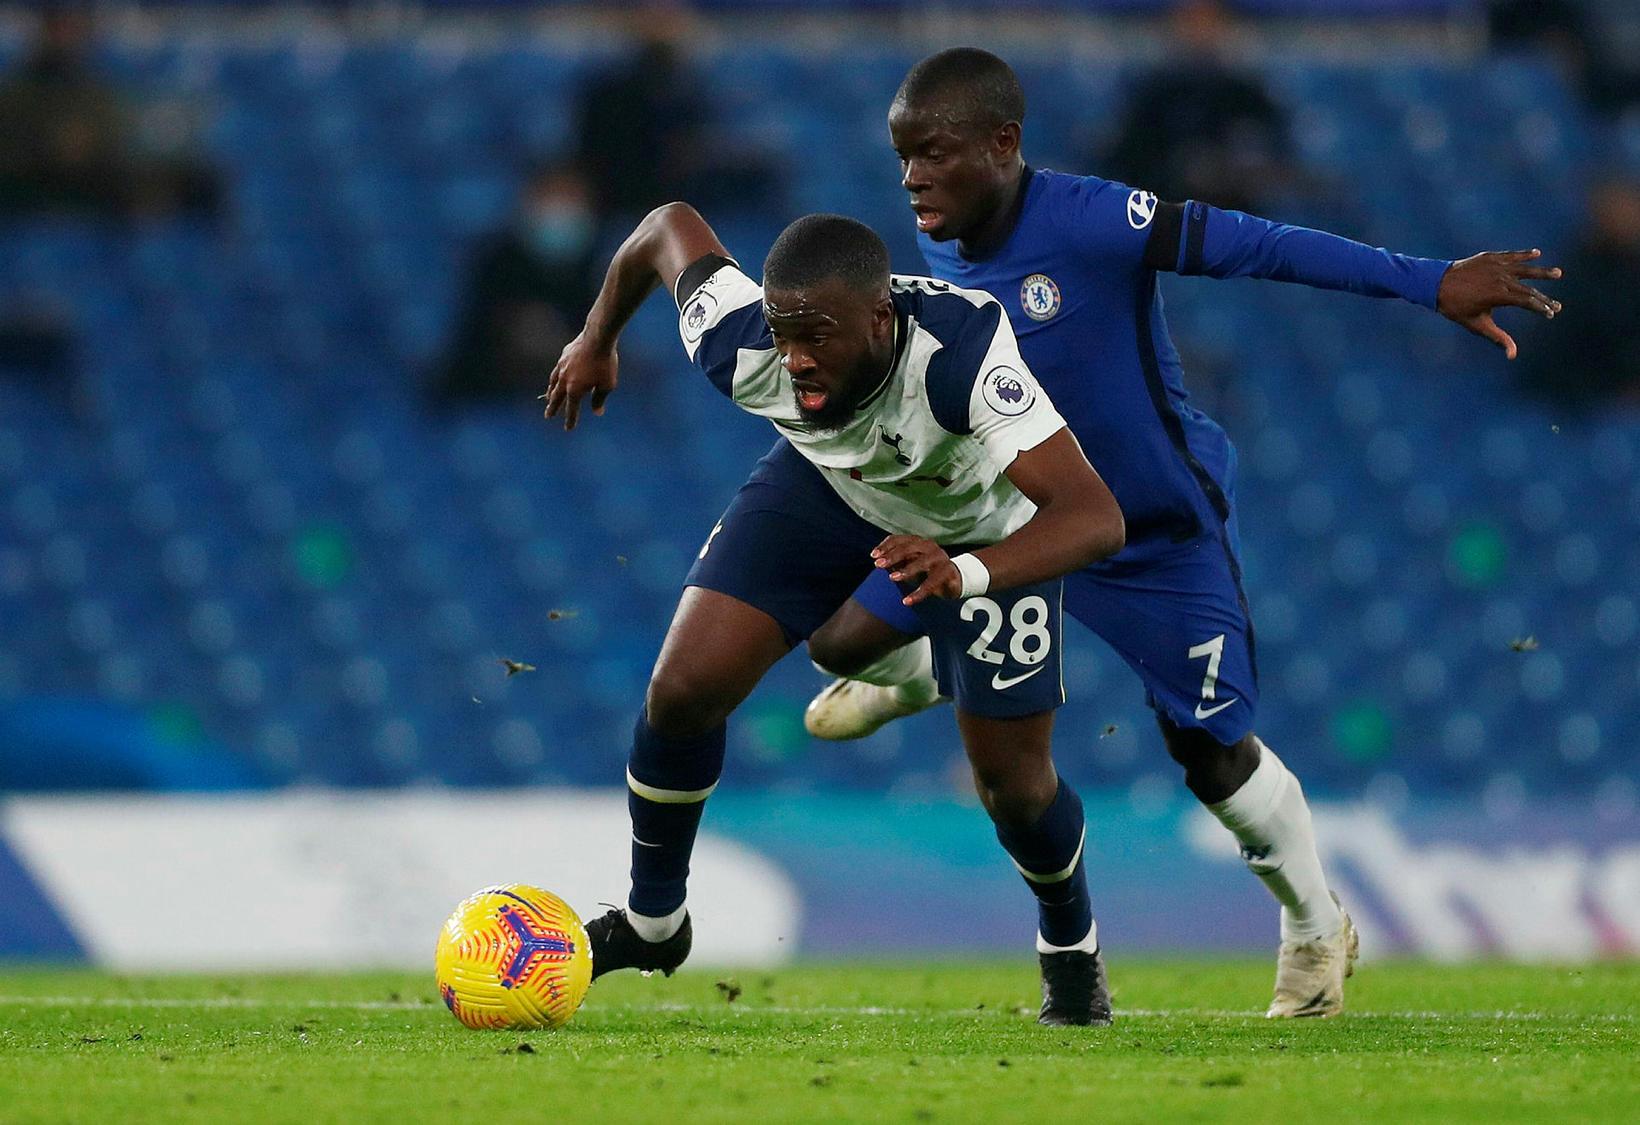 Tanguy Ndombele og N'Golo Kante eigast við á Stamford Bridge.